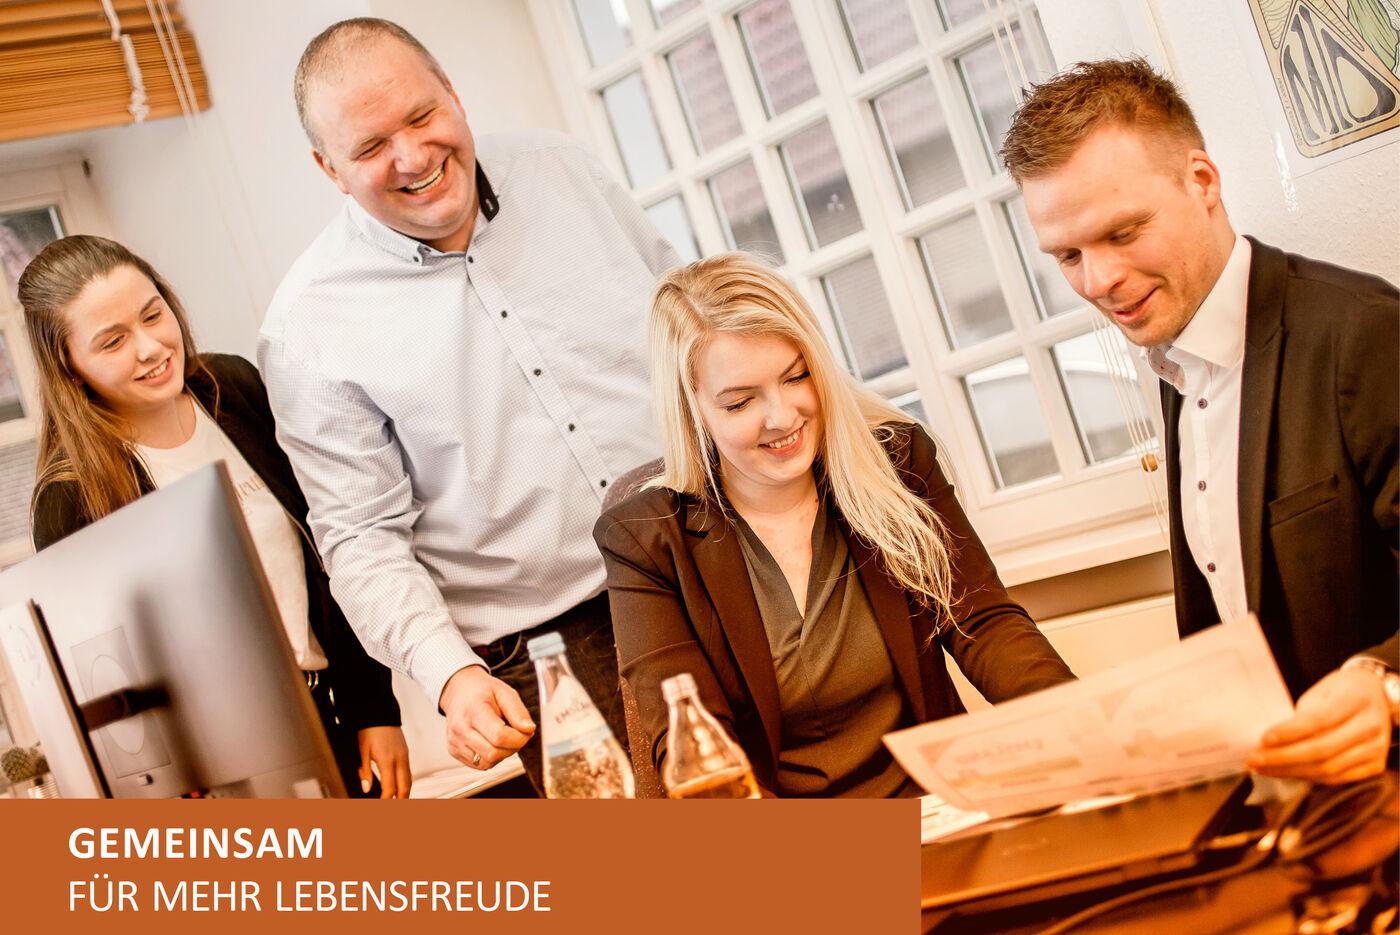 Mitarbeiter Key Account Service (w/m/d) - Job Minden, Home office - Karriere bei Berentzen - Post offer form